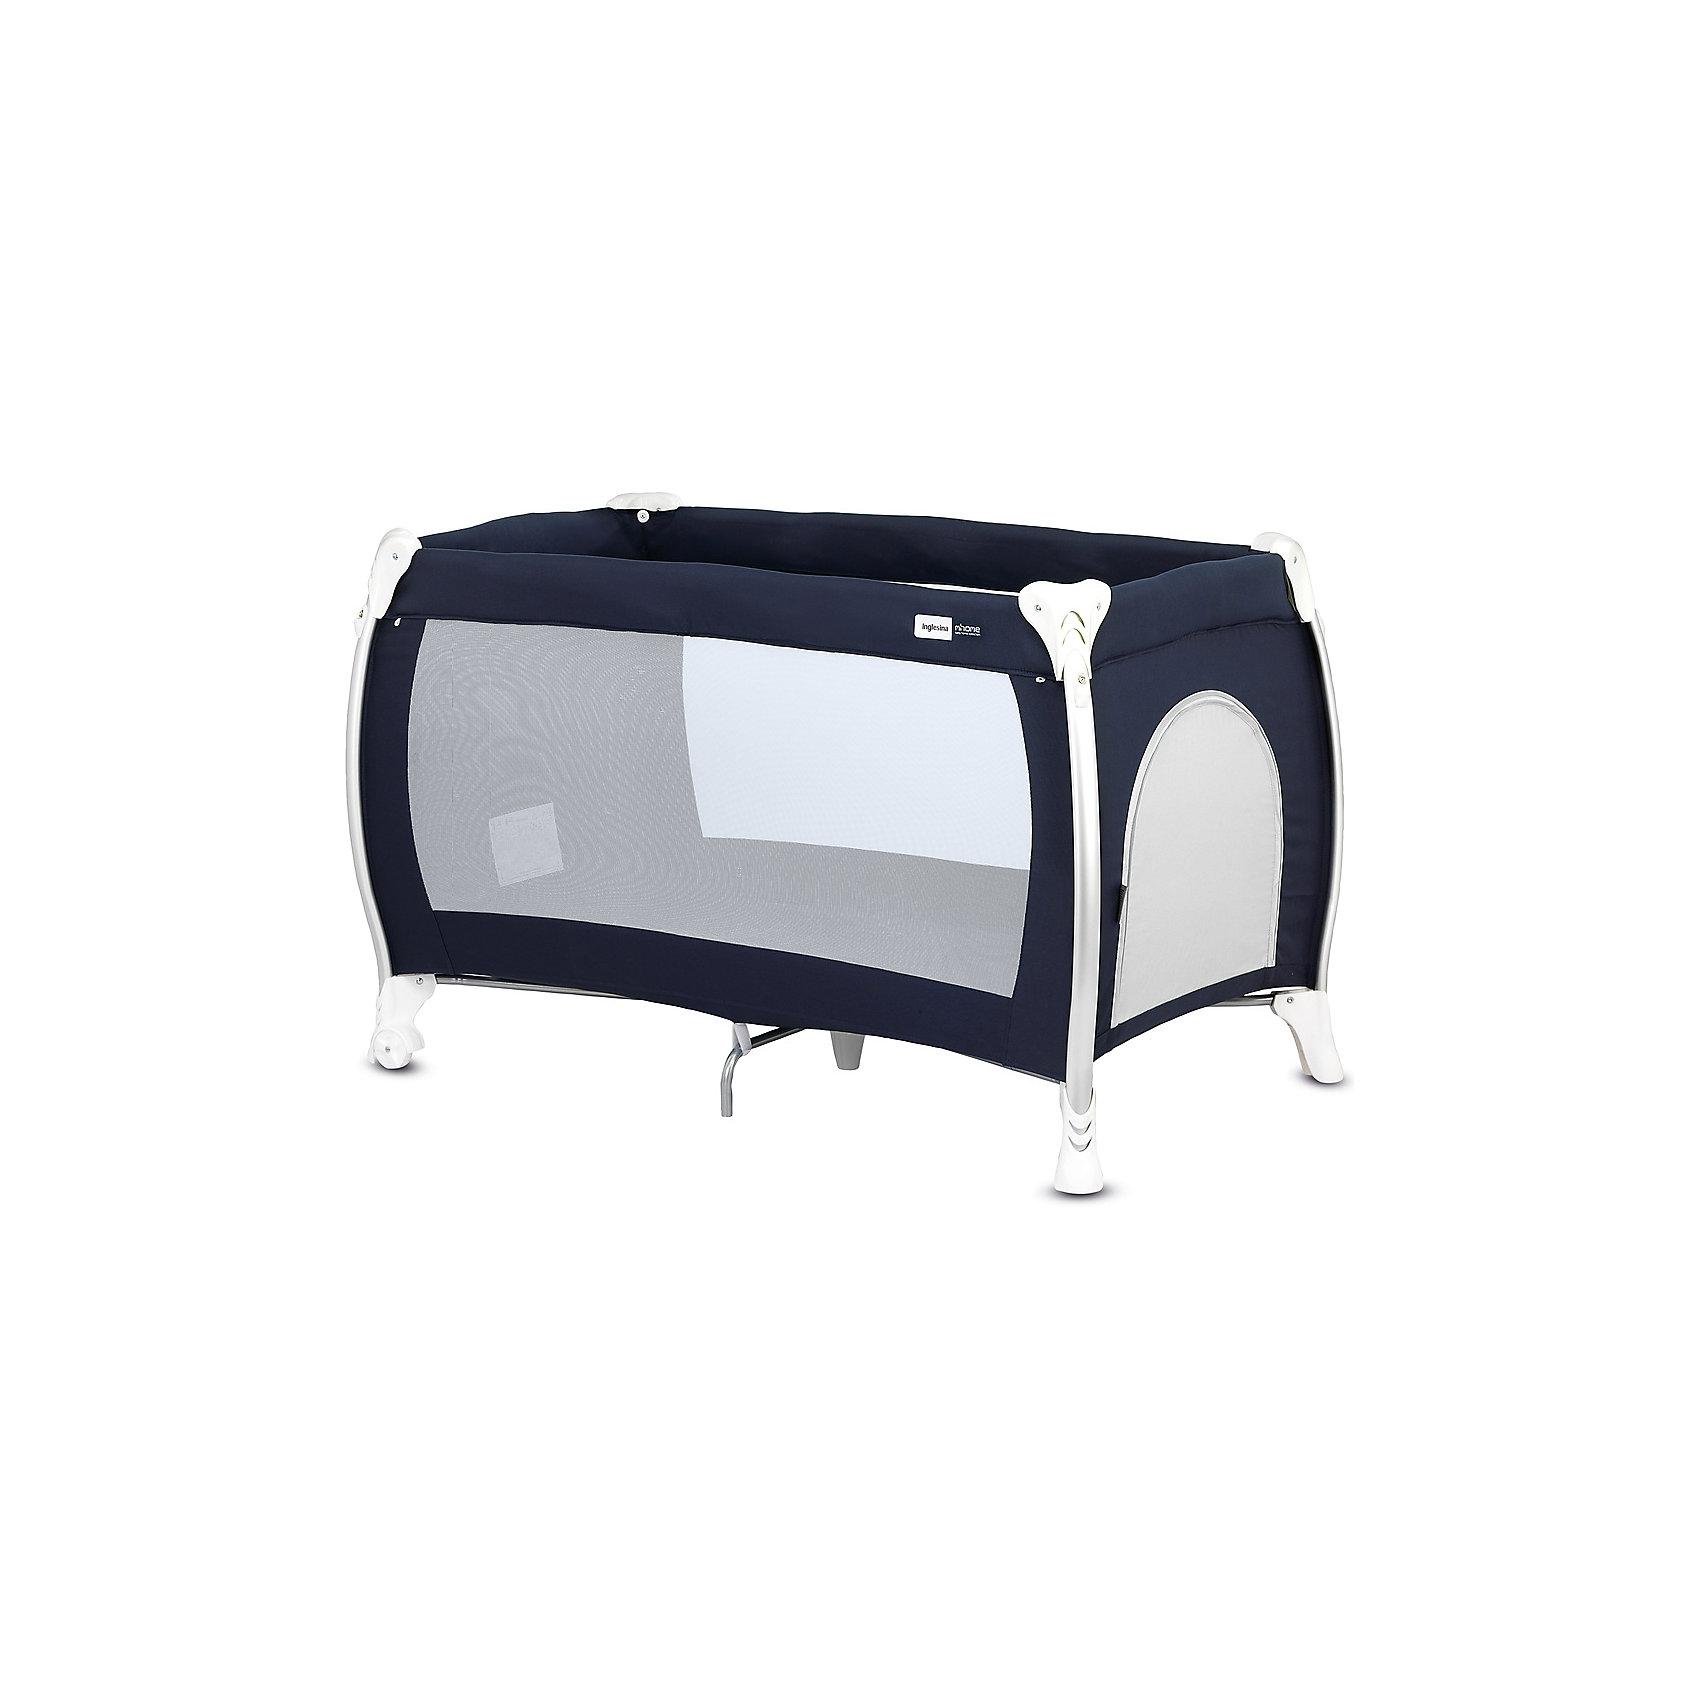 Манеж-кровать Lodge, Inglesina, blueМанеж-кровать Daily Plus - прекрасный вариант для малышей. Модель имеет 2 колесика со стопорами для удобного перемещения манежа. Стенки из сетчатого материала обеспечивают хорошую вентиляцию и обзор, дополнительные ножки-упоры гарантируют устойчивость и безопасность даже самым непоседливым малышам.  Манеж-кровать быстро и компактно складывается, колесики позволяют также перемещать модель в сложенном виде. В производстве изделия использованы только экологичные, безопасные для детей материалы. <br><br>Дополнительная информация:<br><br>- Материал: текстиль, пластик, металл. <br>- Размер: 79x126x72 см. <br>- Размер в сложенном виде: 26x79x26 см. <br>- 2 колесика для удобного перемещения.<br>- Дополнительные ножки-упоры. <br>- Регулировка по высоте (в 2 положениях).<br>- Легко и компактно складывается. <br>- Боковая дверца на молнии. <br>- Для детей от рождения и до 3 лет (весом до 14 кг).<br>- Комплектация: кроватка, основание под матрас, матрас <br>опоры для верхнего яруса,  трубы для дна верхнего яруса <br>москитная сетка,  сумка для транспортировки кроватки,  боковой карман.<br><br>Манеж-кровать Lodge, Inglesina (Инглезина), можно купить в нашем магазине.<br><br>Ширина мм: 250<br>Глубина мм: 250<br>Высота мм: 805<br>Вес г: 10300<br>Возраст от месяцев: 0<br>Возраст до месяцев: 36<br>Пол: Унисекс<br>Возраст: Детский<br>SKU: 4764279